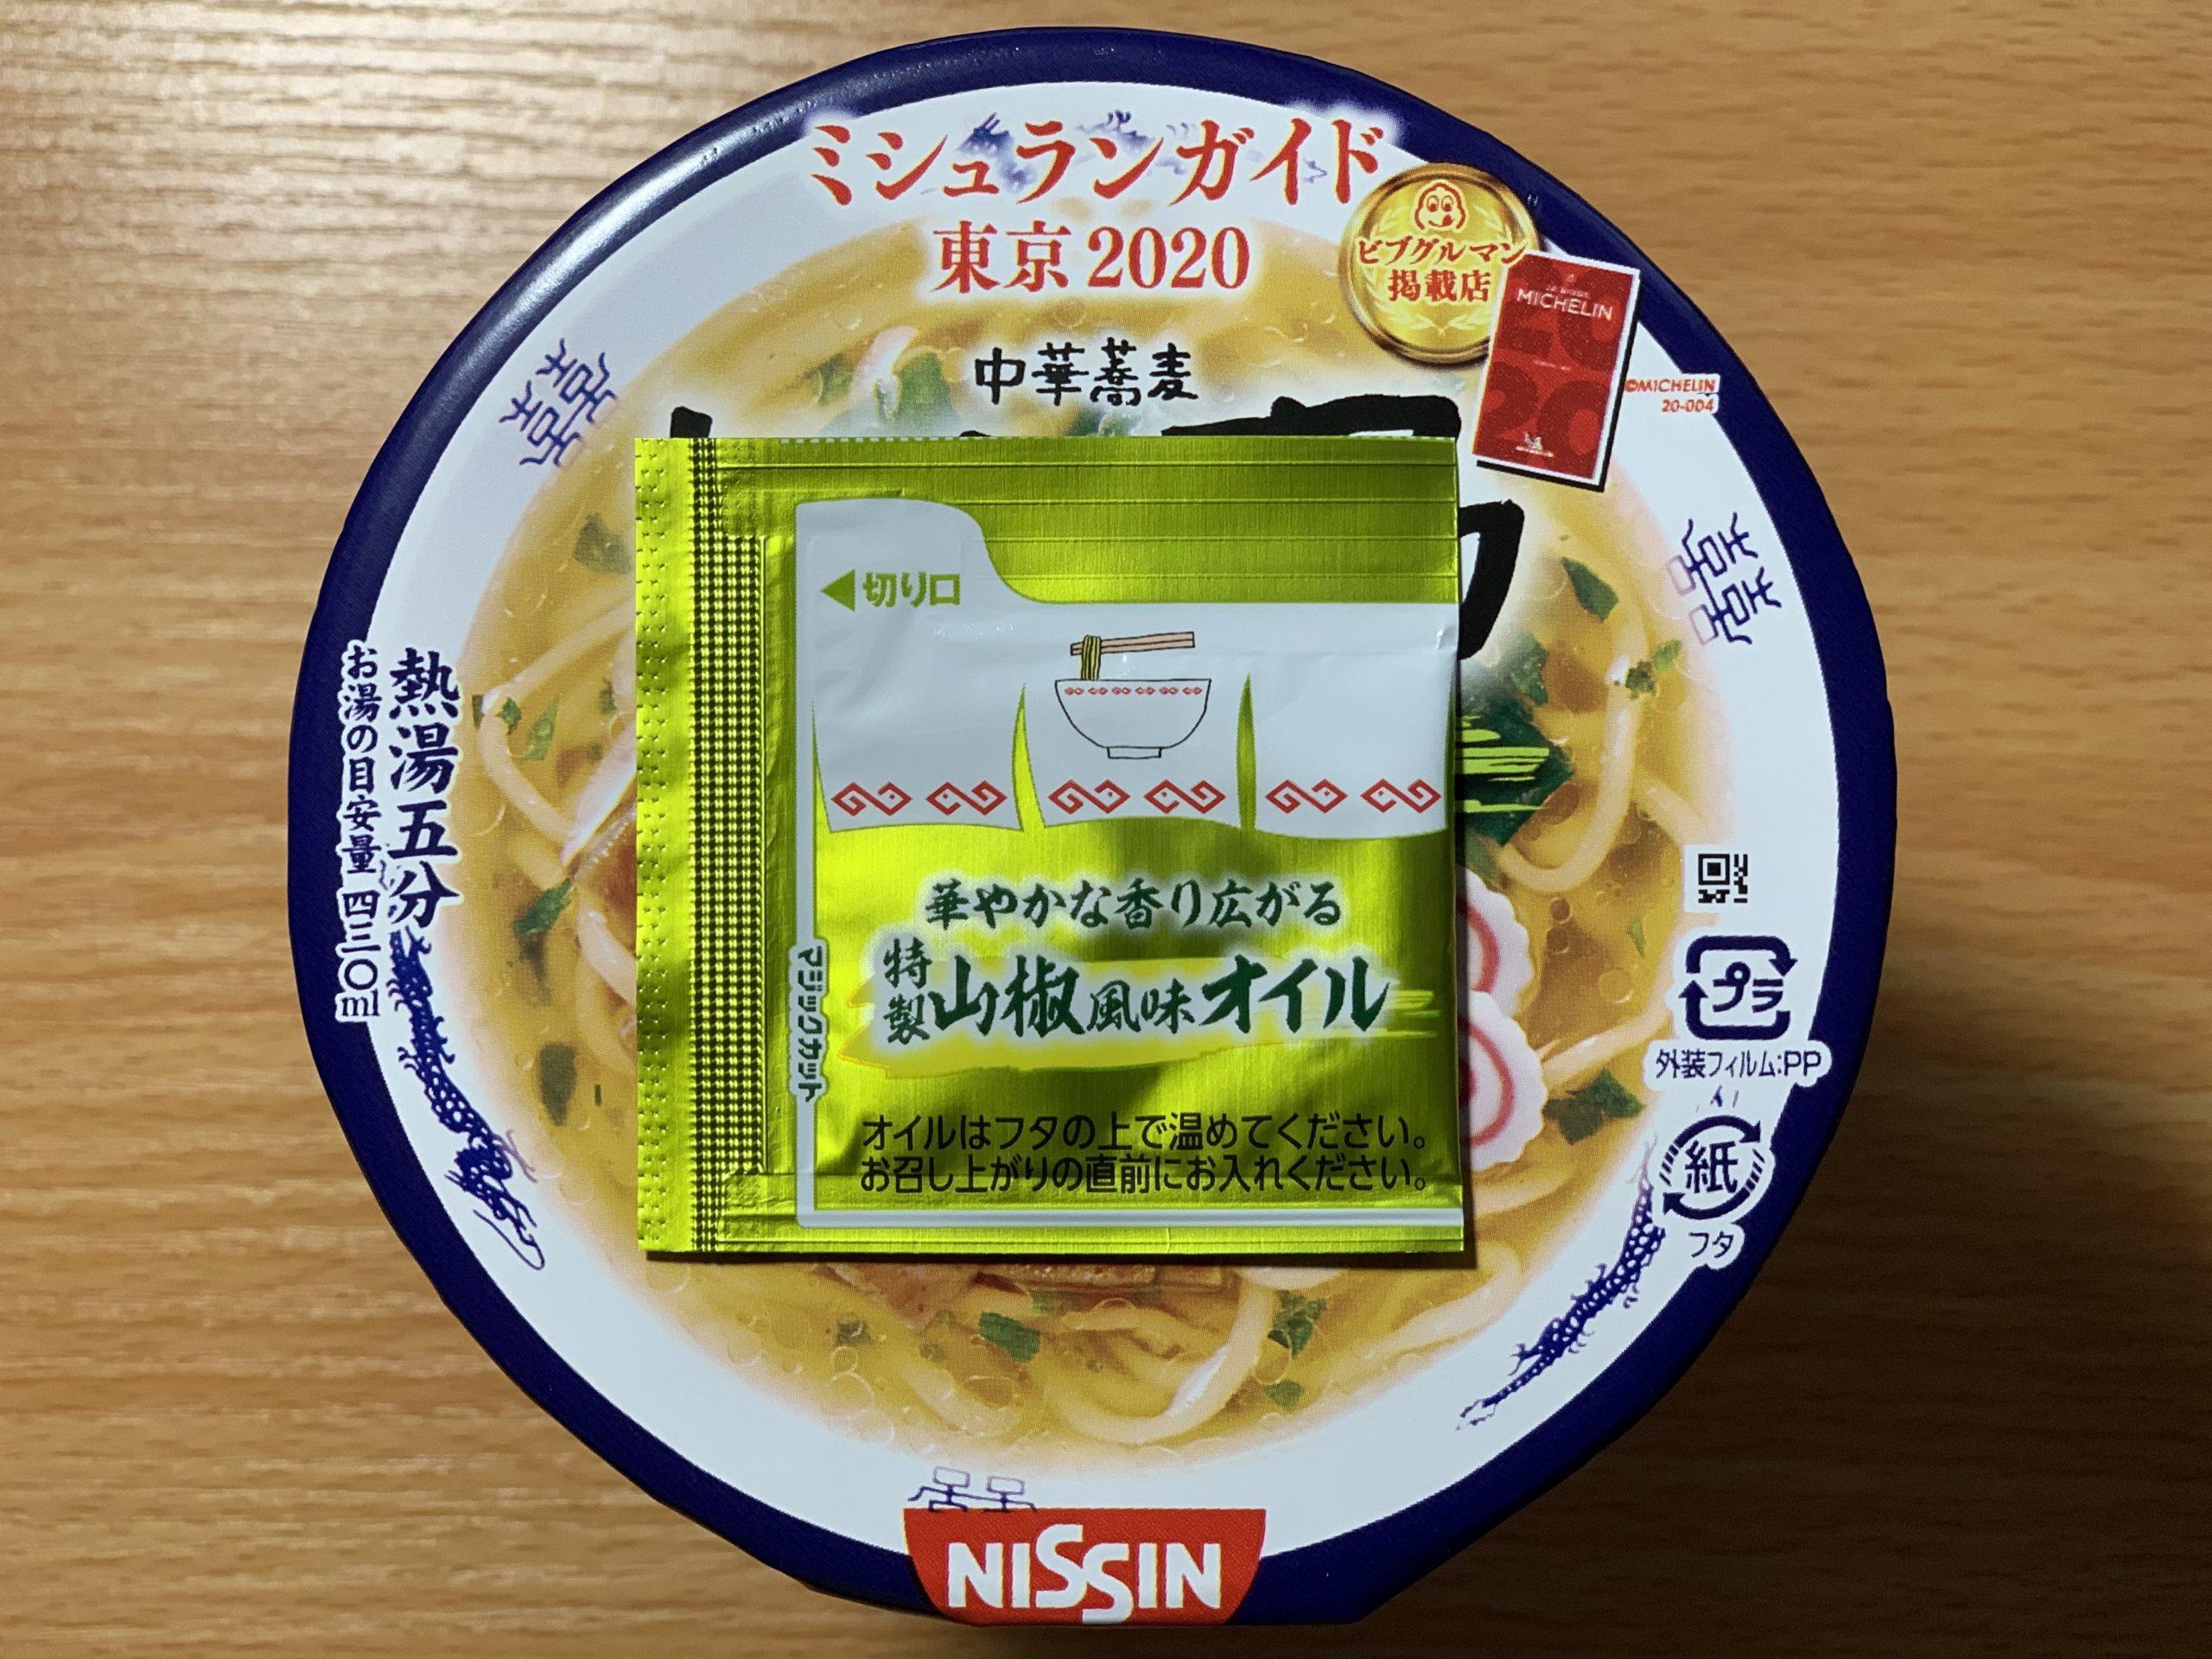 にし乃カップ麺の調味料